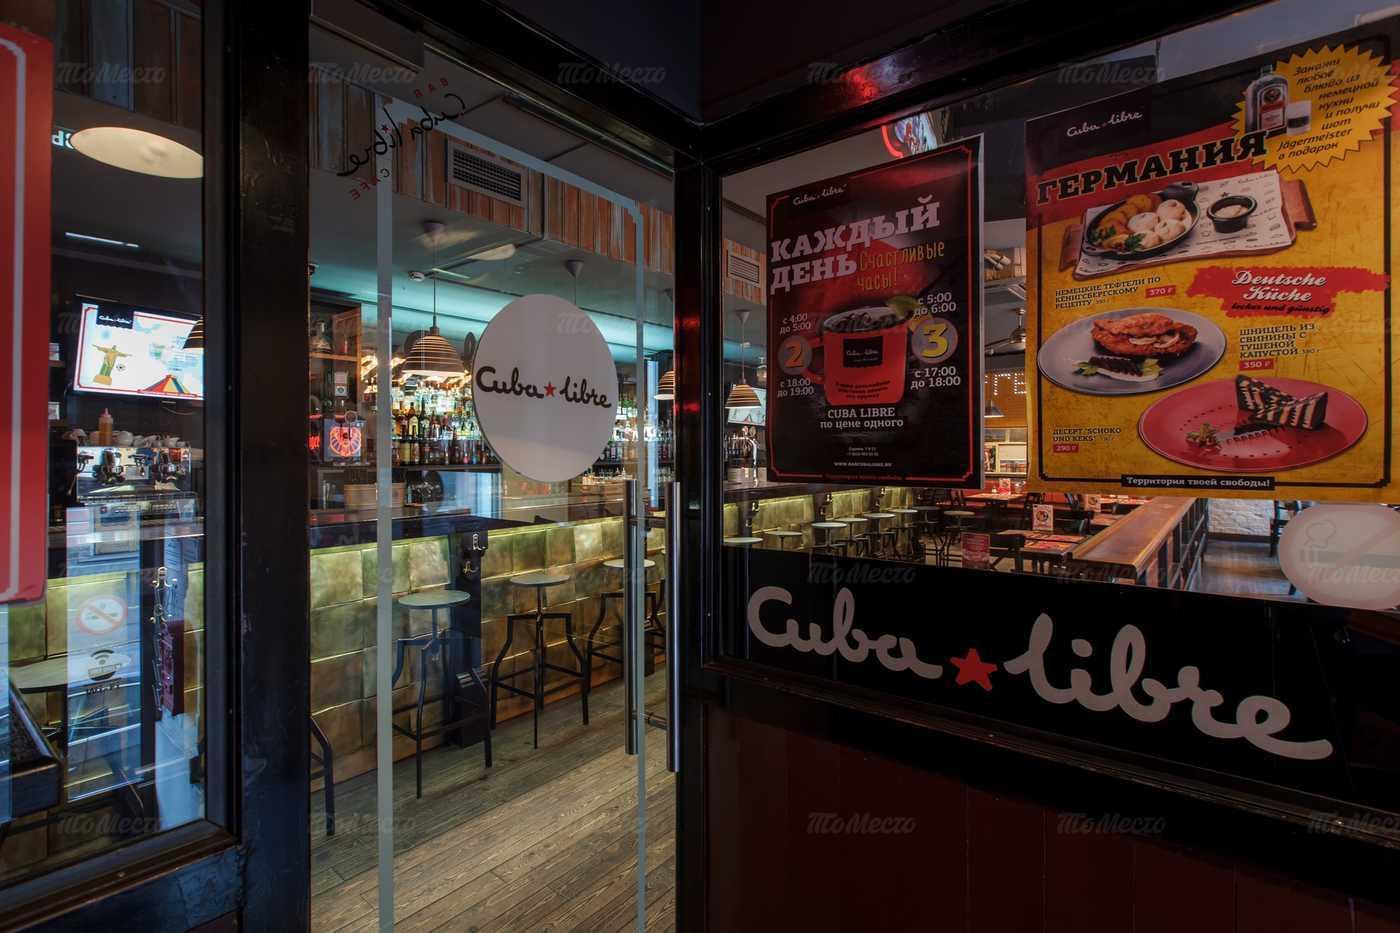 Кафе Куба Либре (Cuba Libre) на Садовой улице фото 19